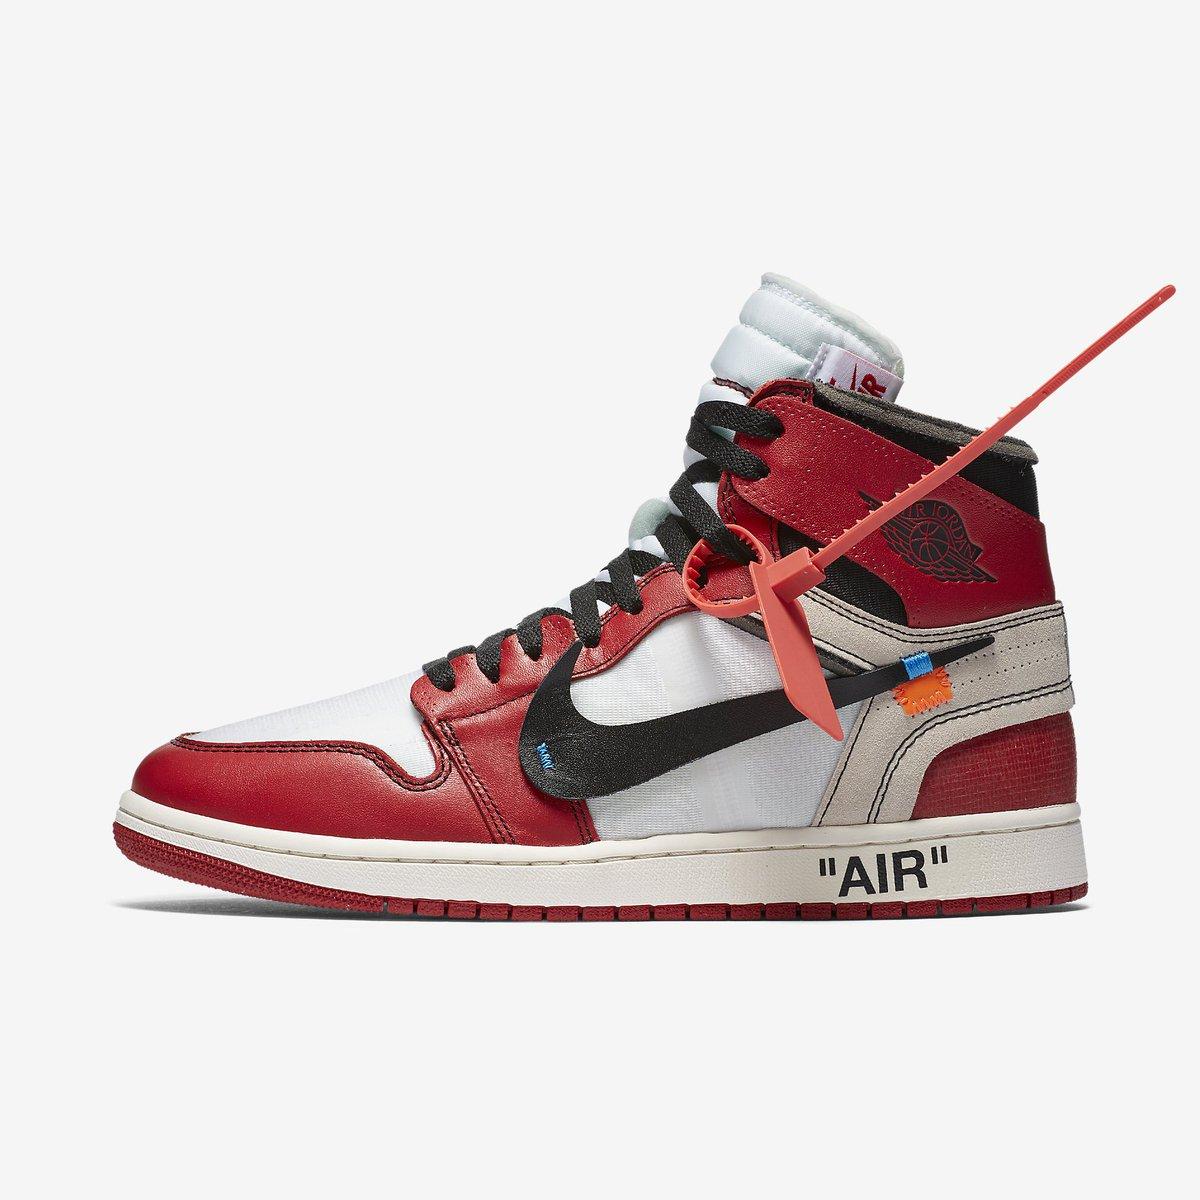 Off White x Air Jordan 1 offic j23app